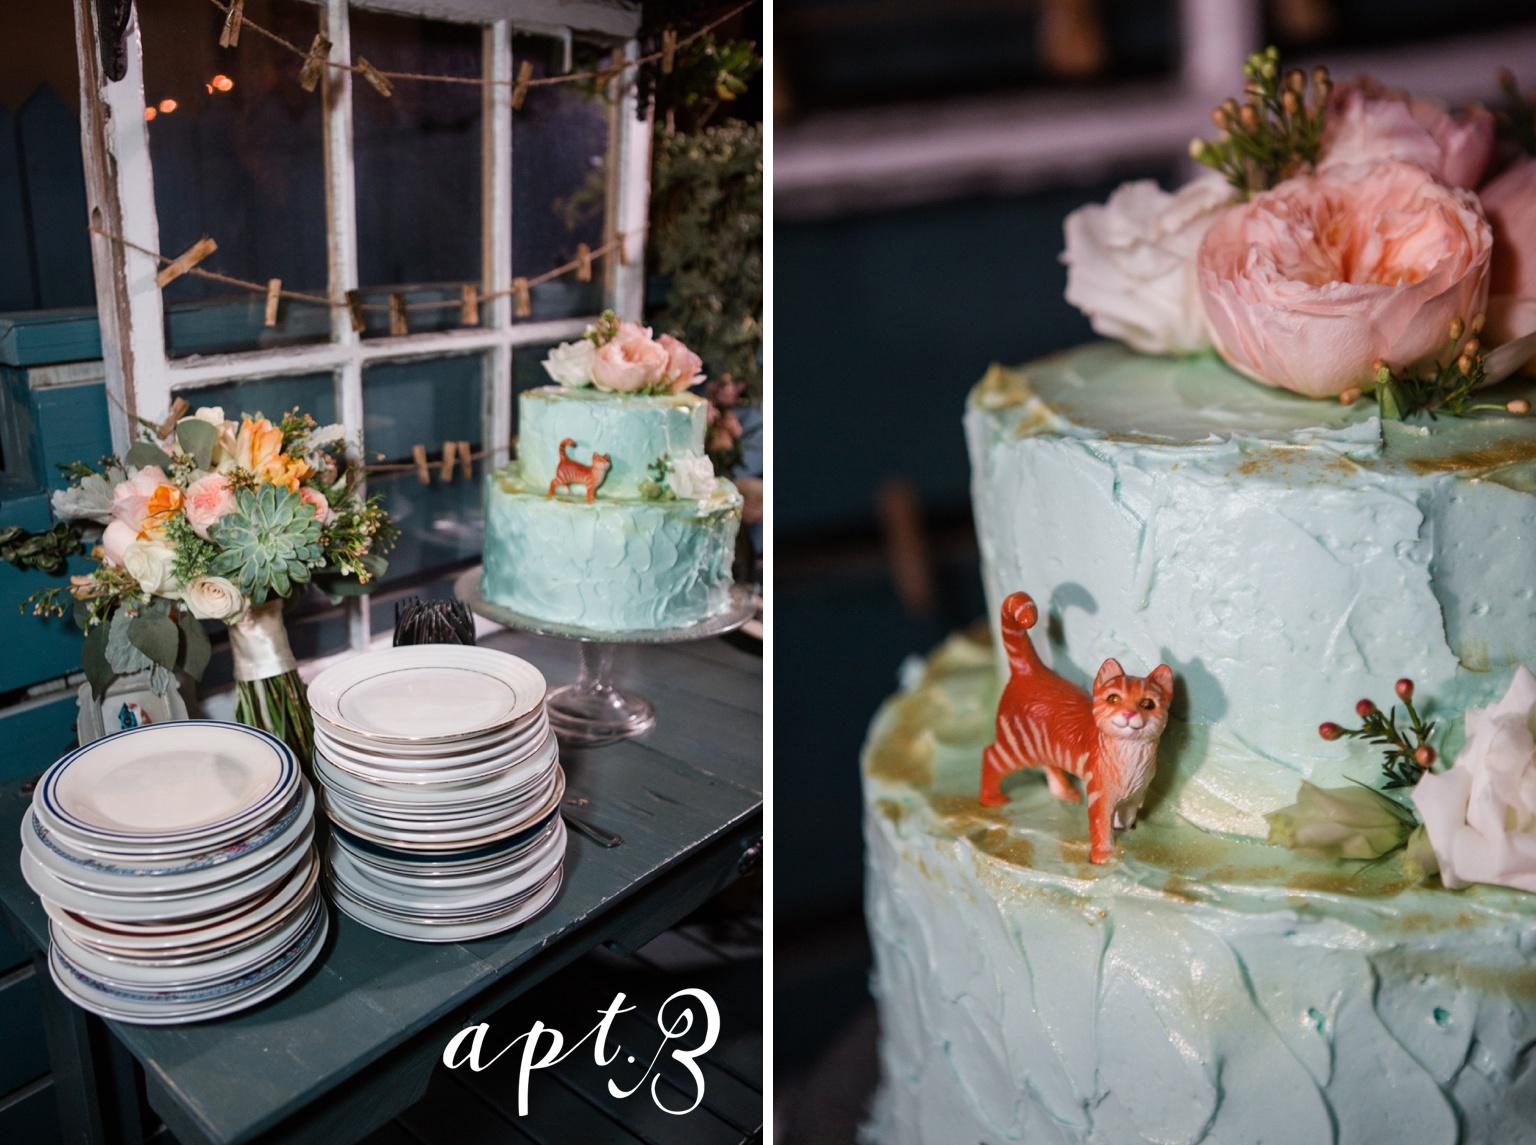 AptBPhotography_AmandaMarkBLOG-150